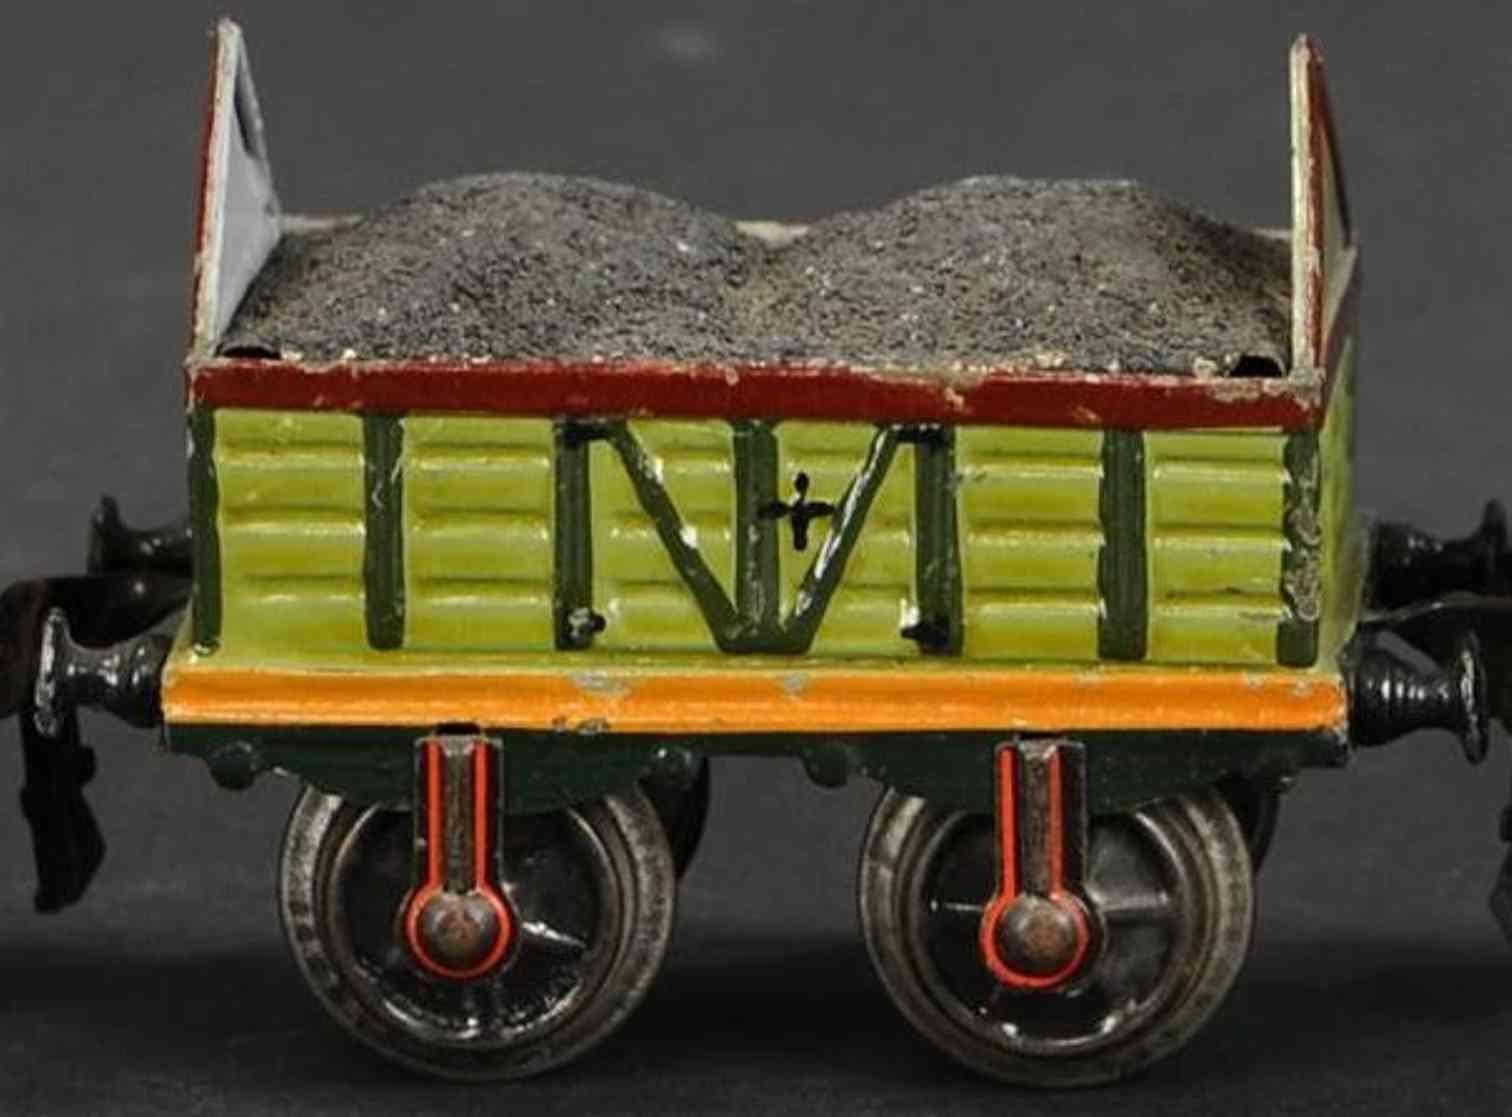 maerklin 1820/1 spielzeug eisenbahn kohlenwagen spur 1